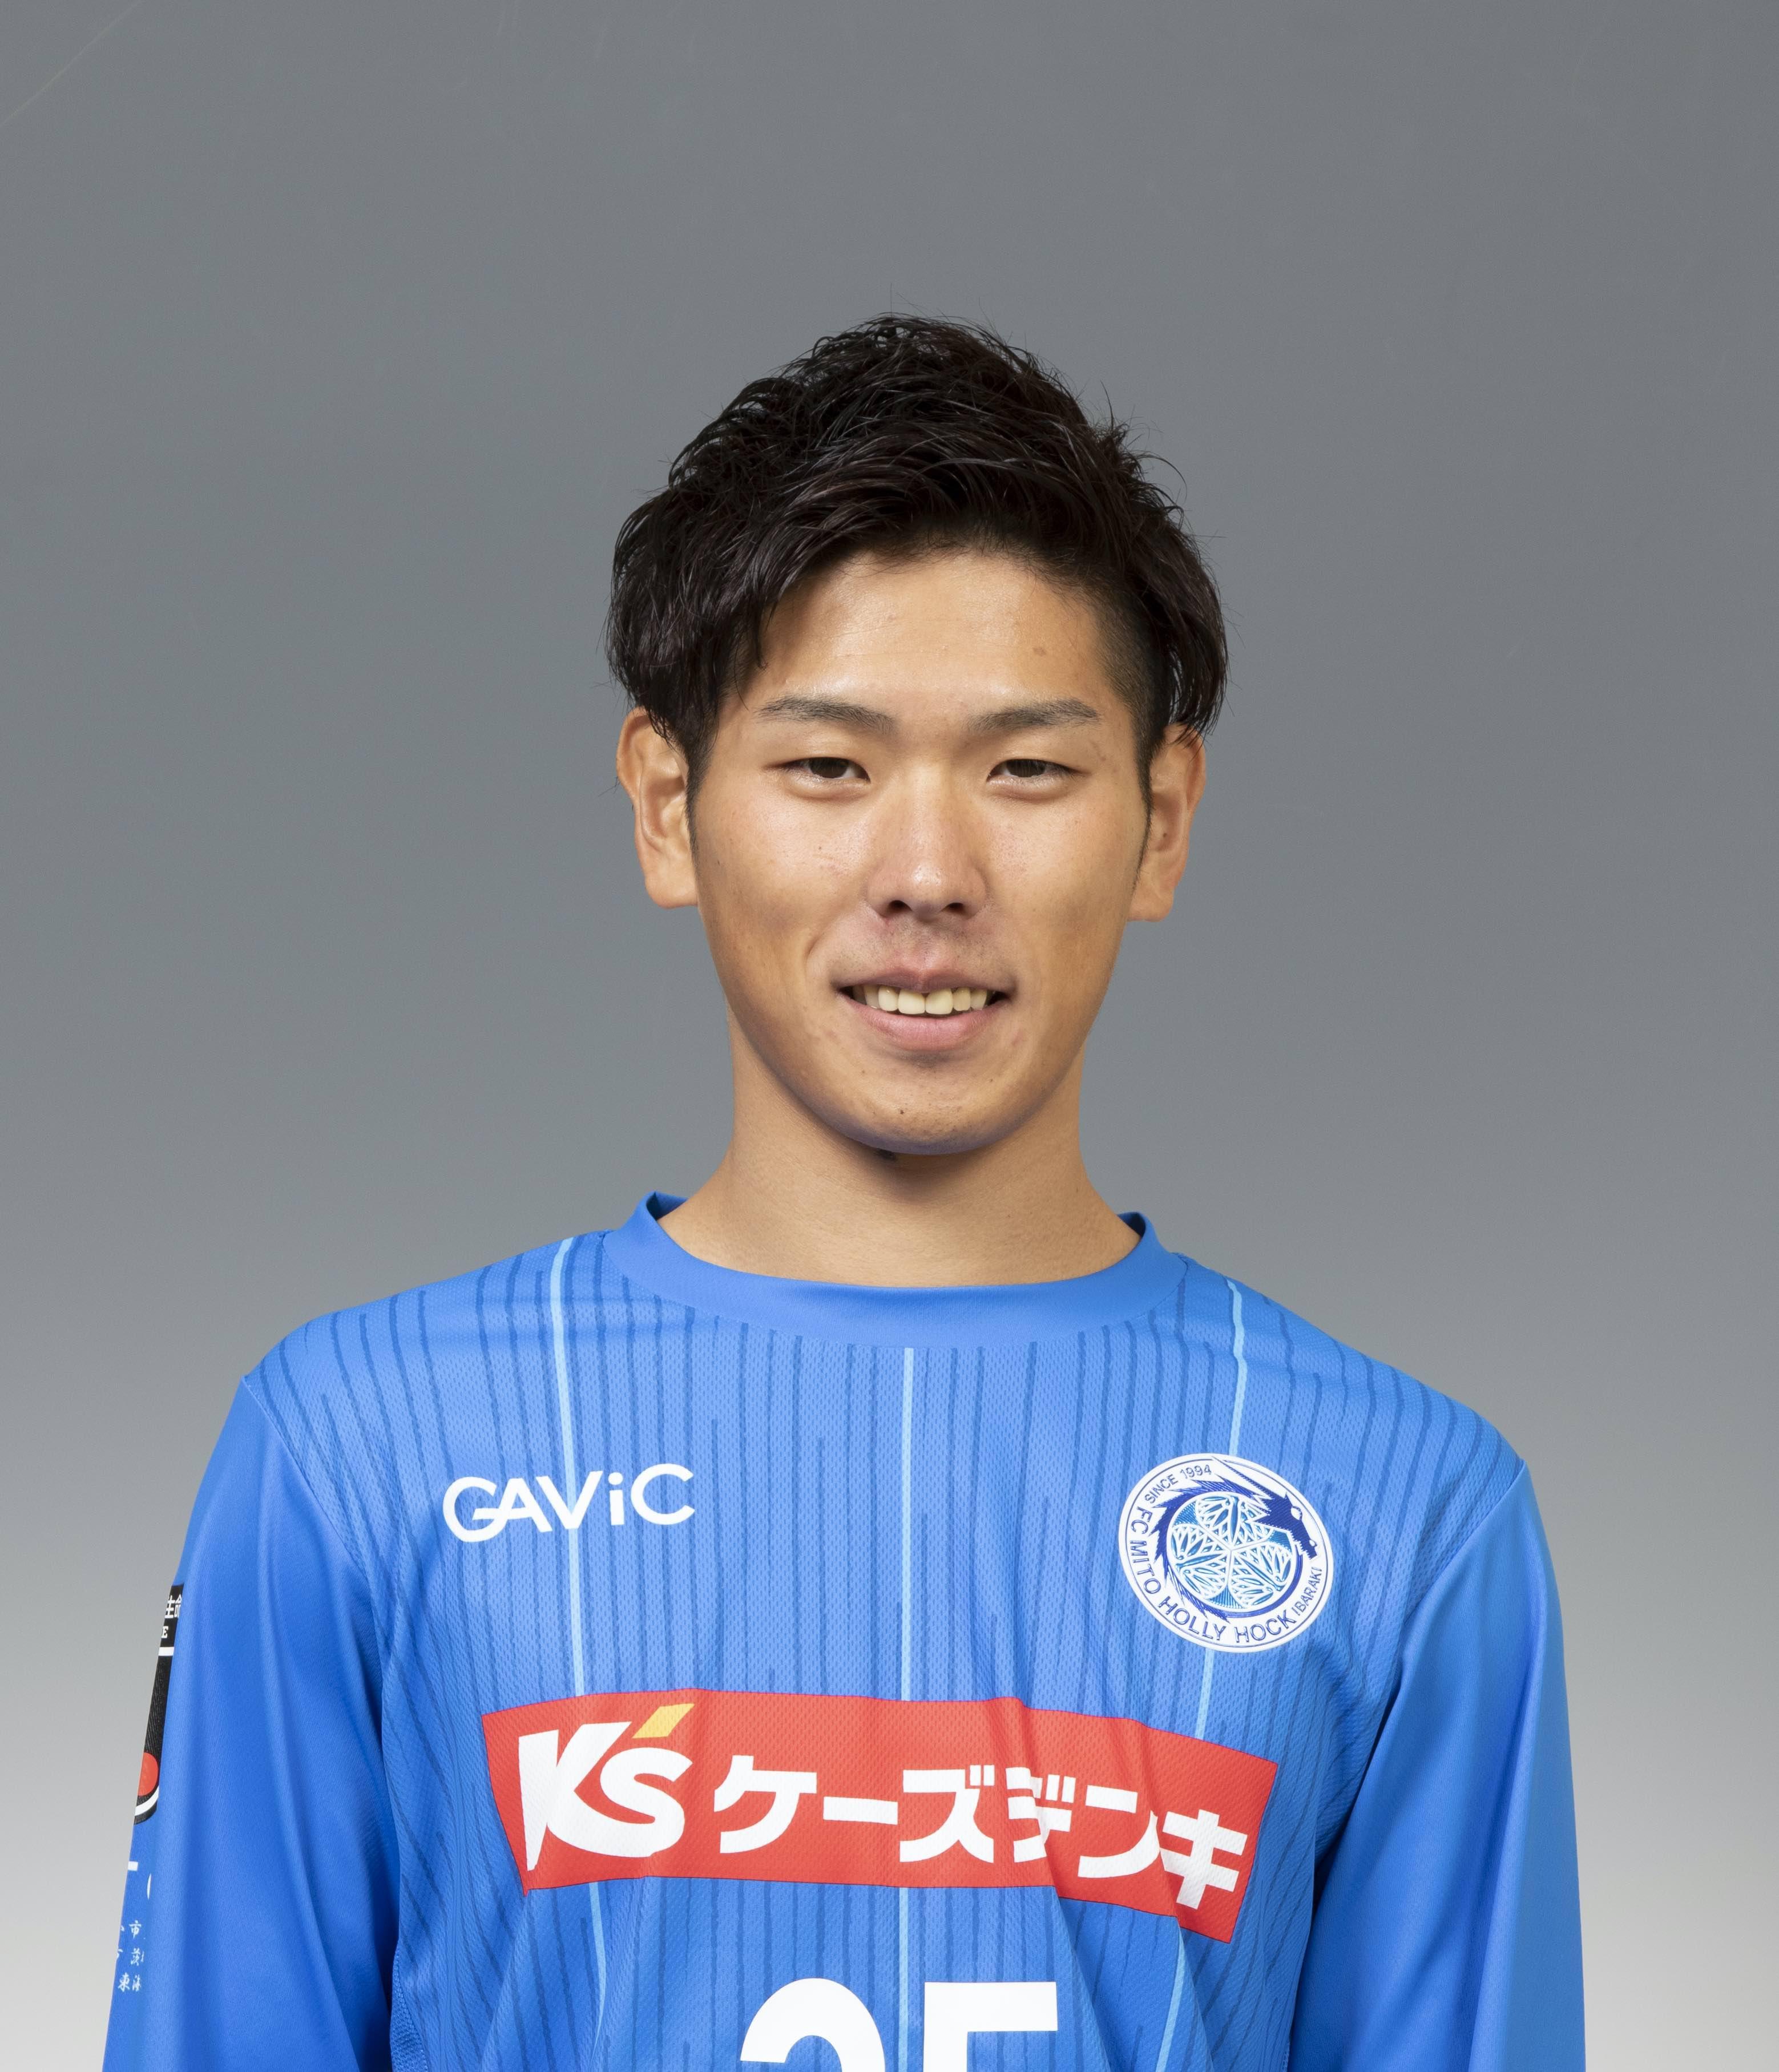 【本人直筆サイン入り公式】2019シーズンユニフォーム2nd  25平塚悠知 選手